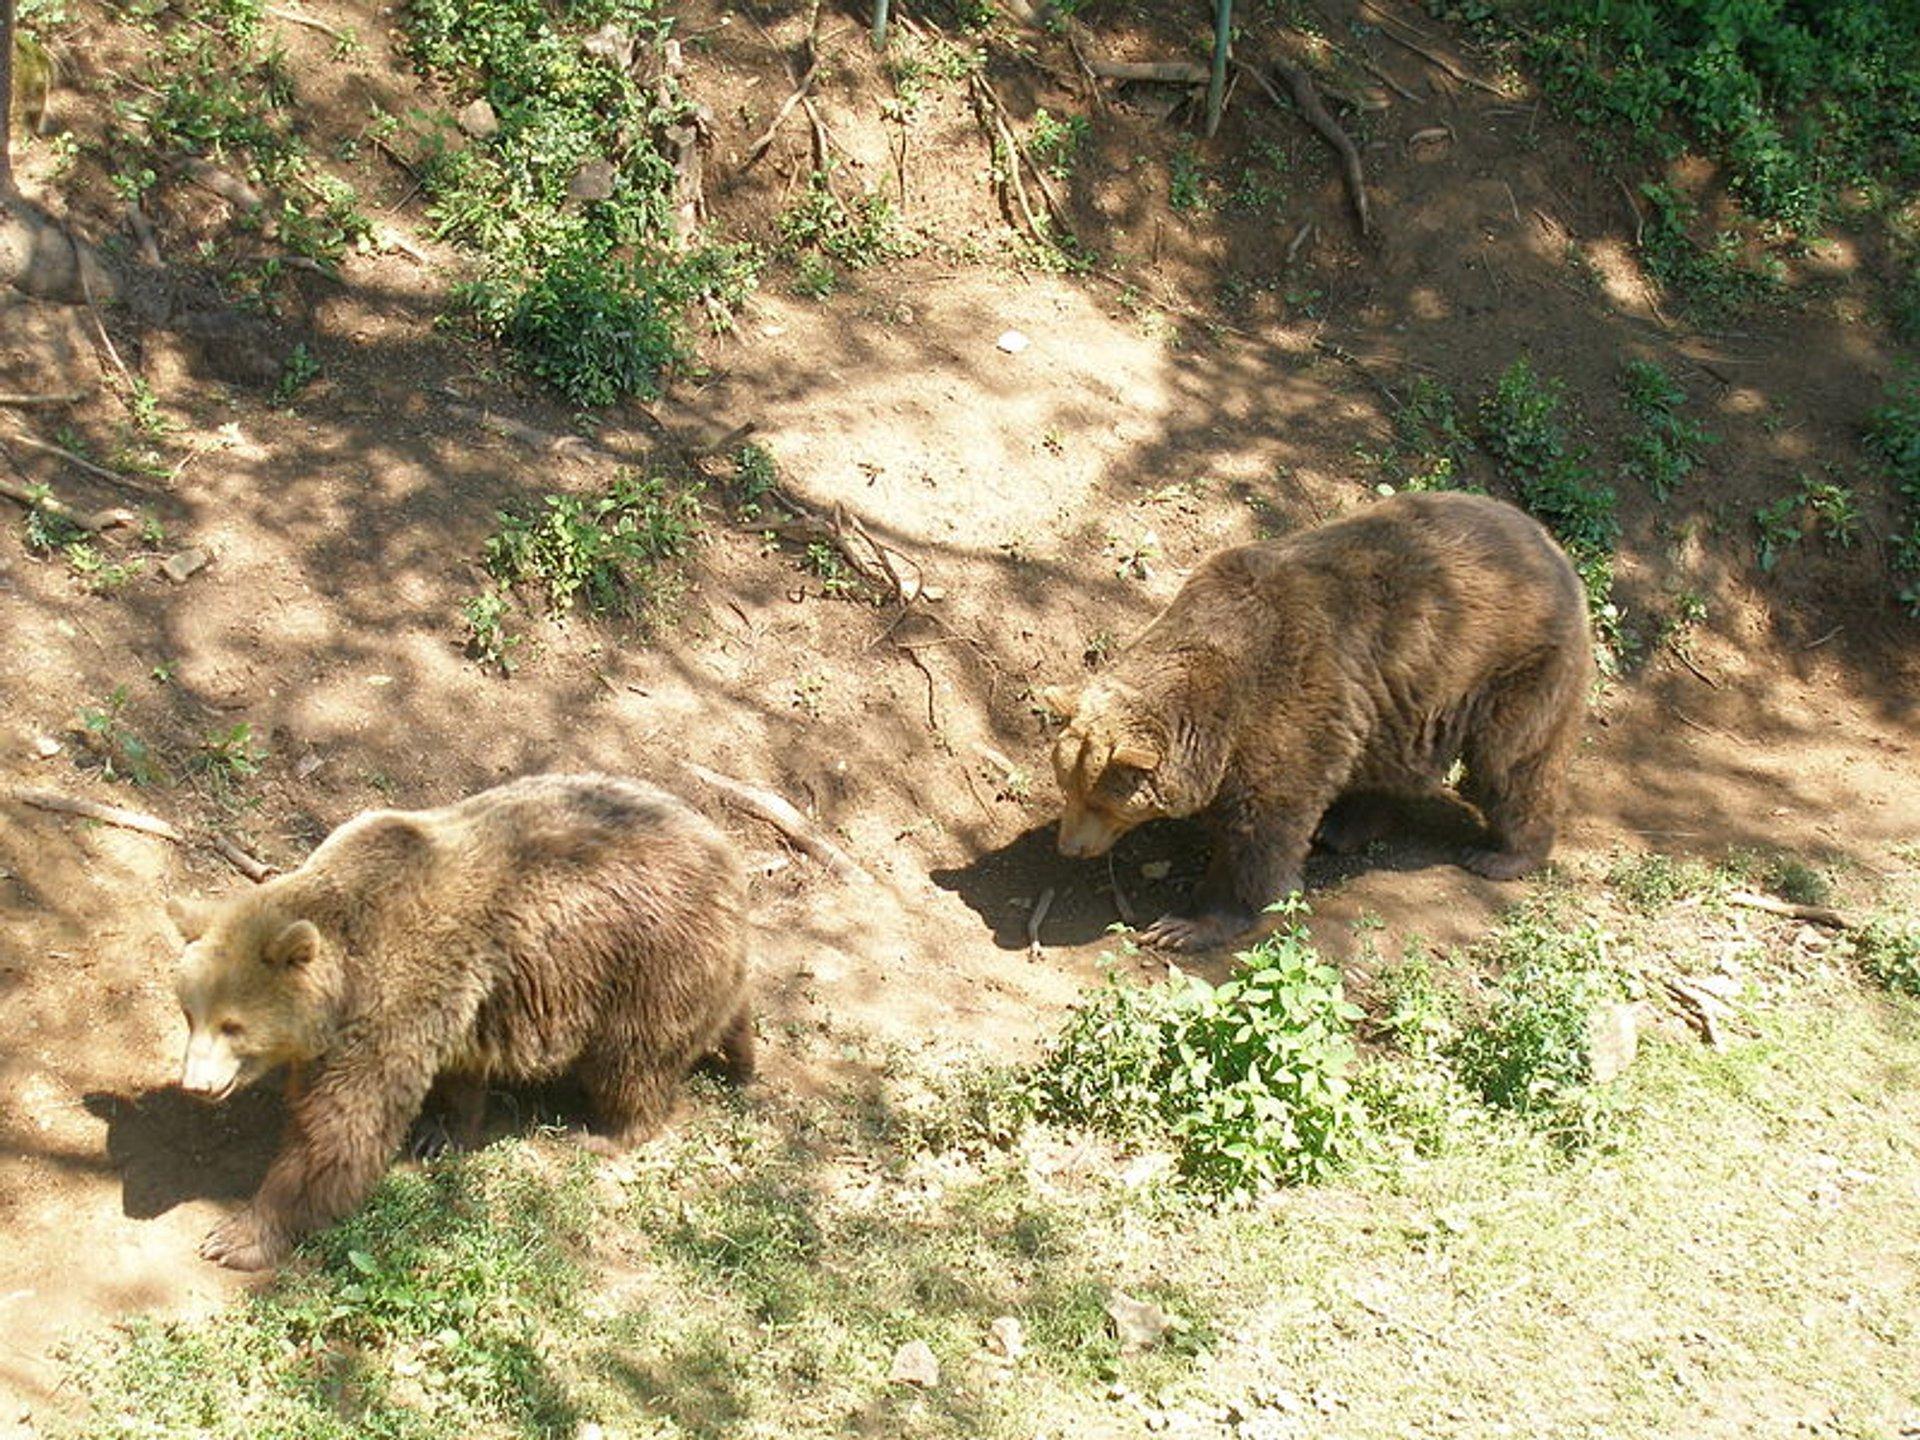 Bear Watching in Slovakia - Best Season 2020